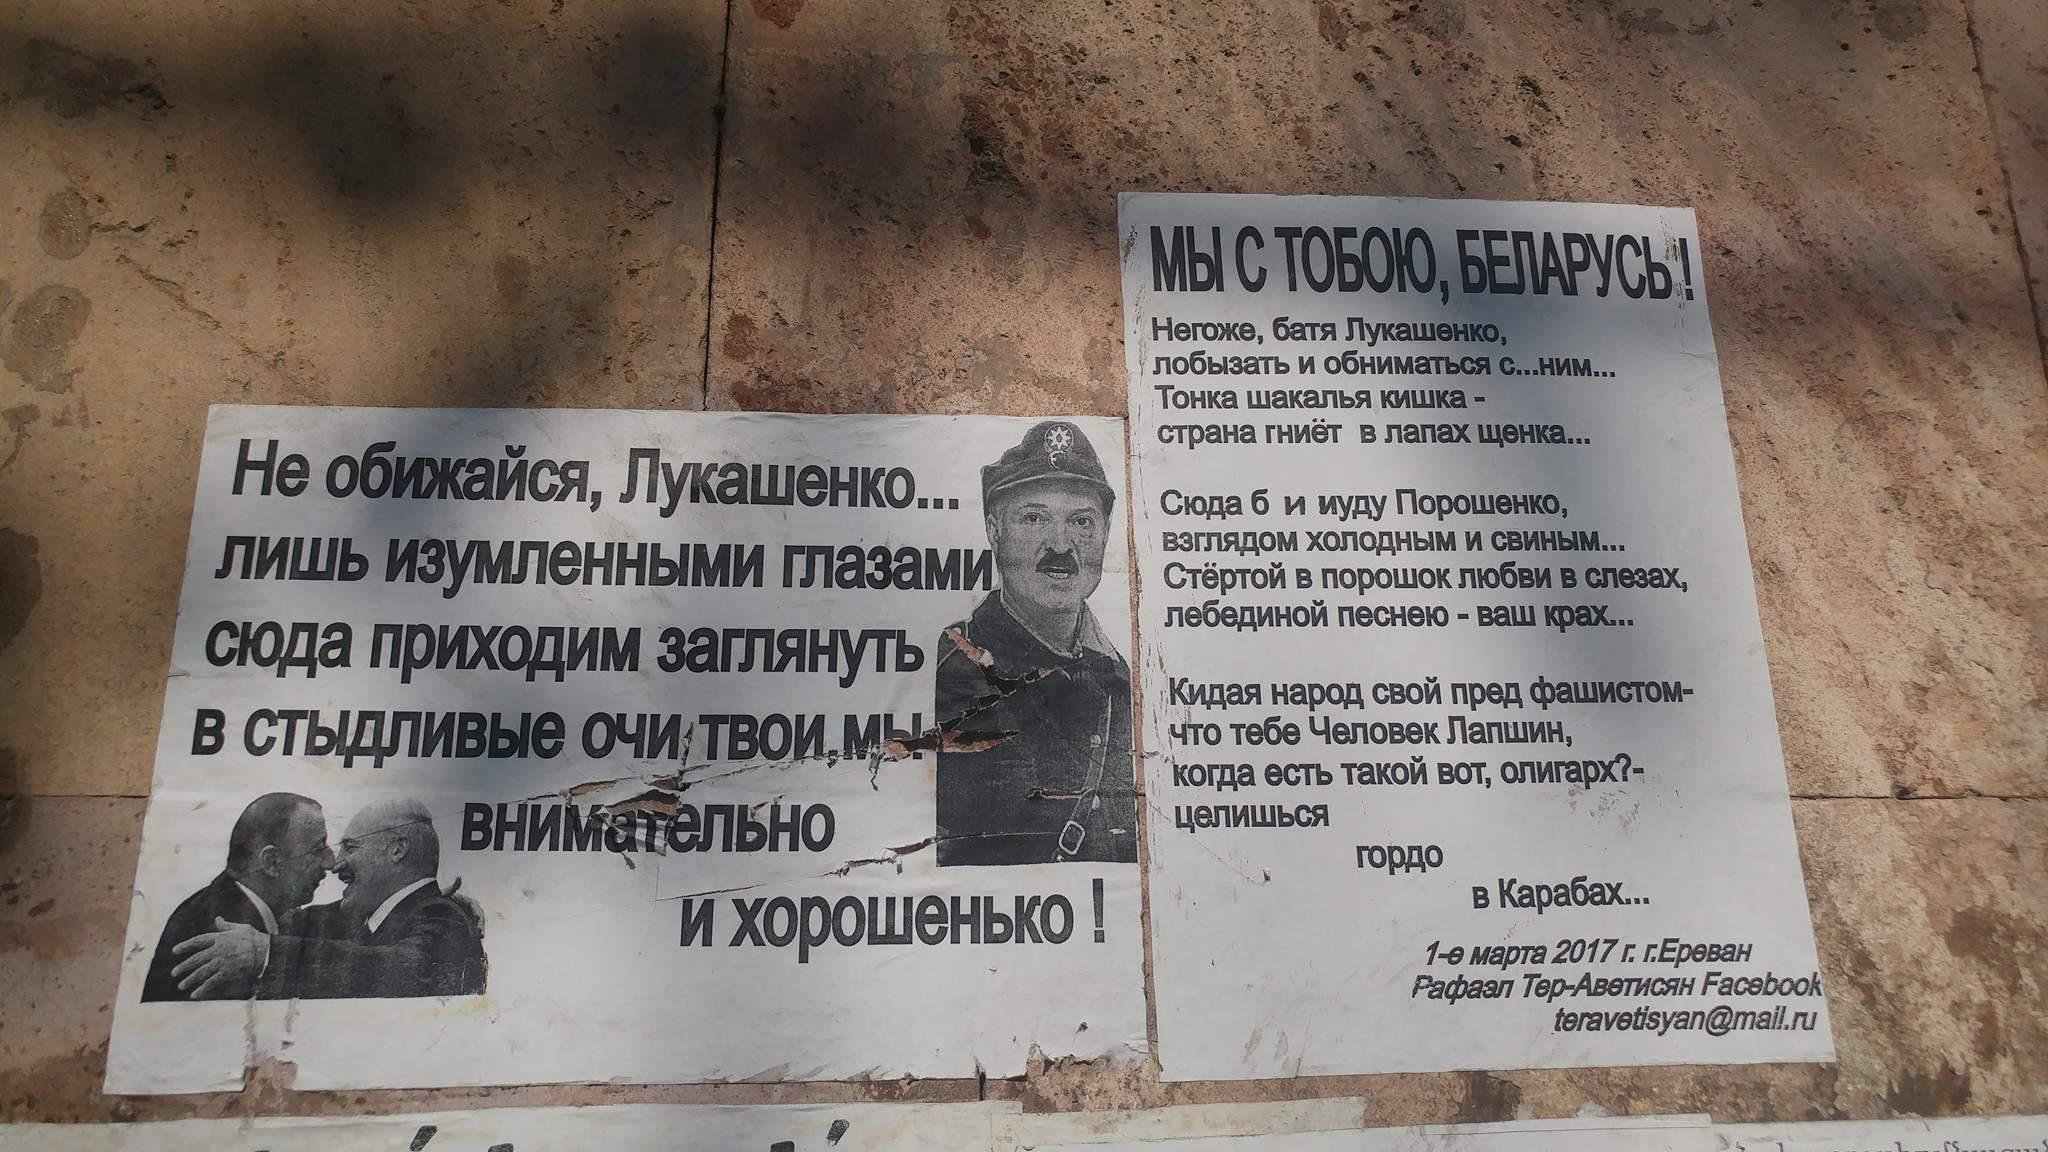 Негоже батя Лукашенко лобызать и обниматься с ним